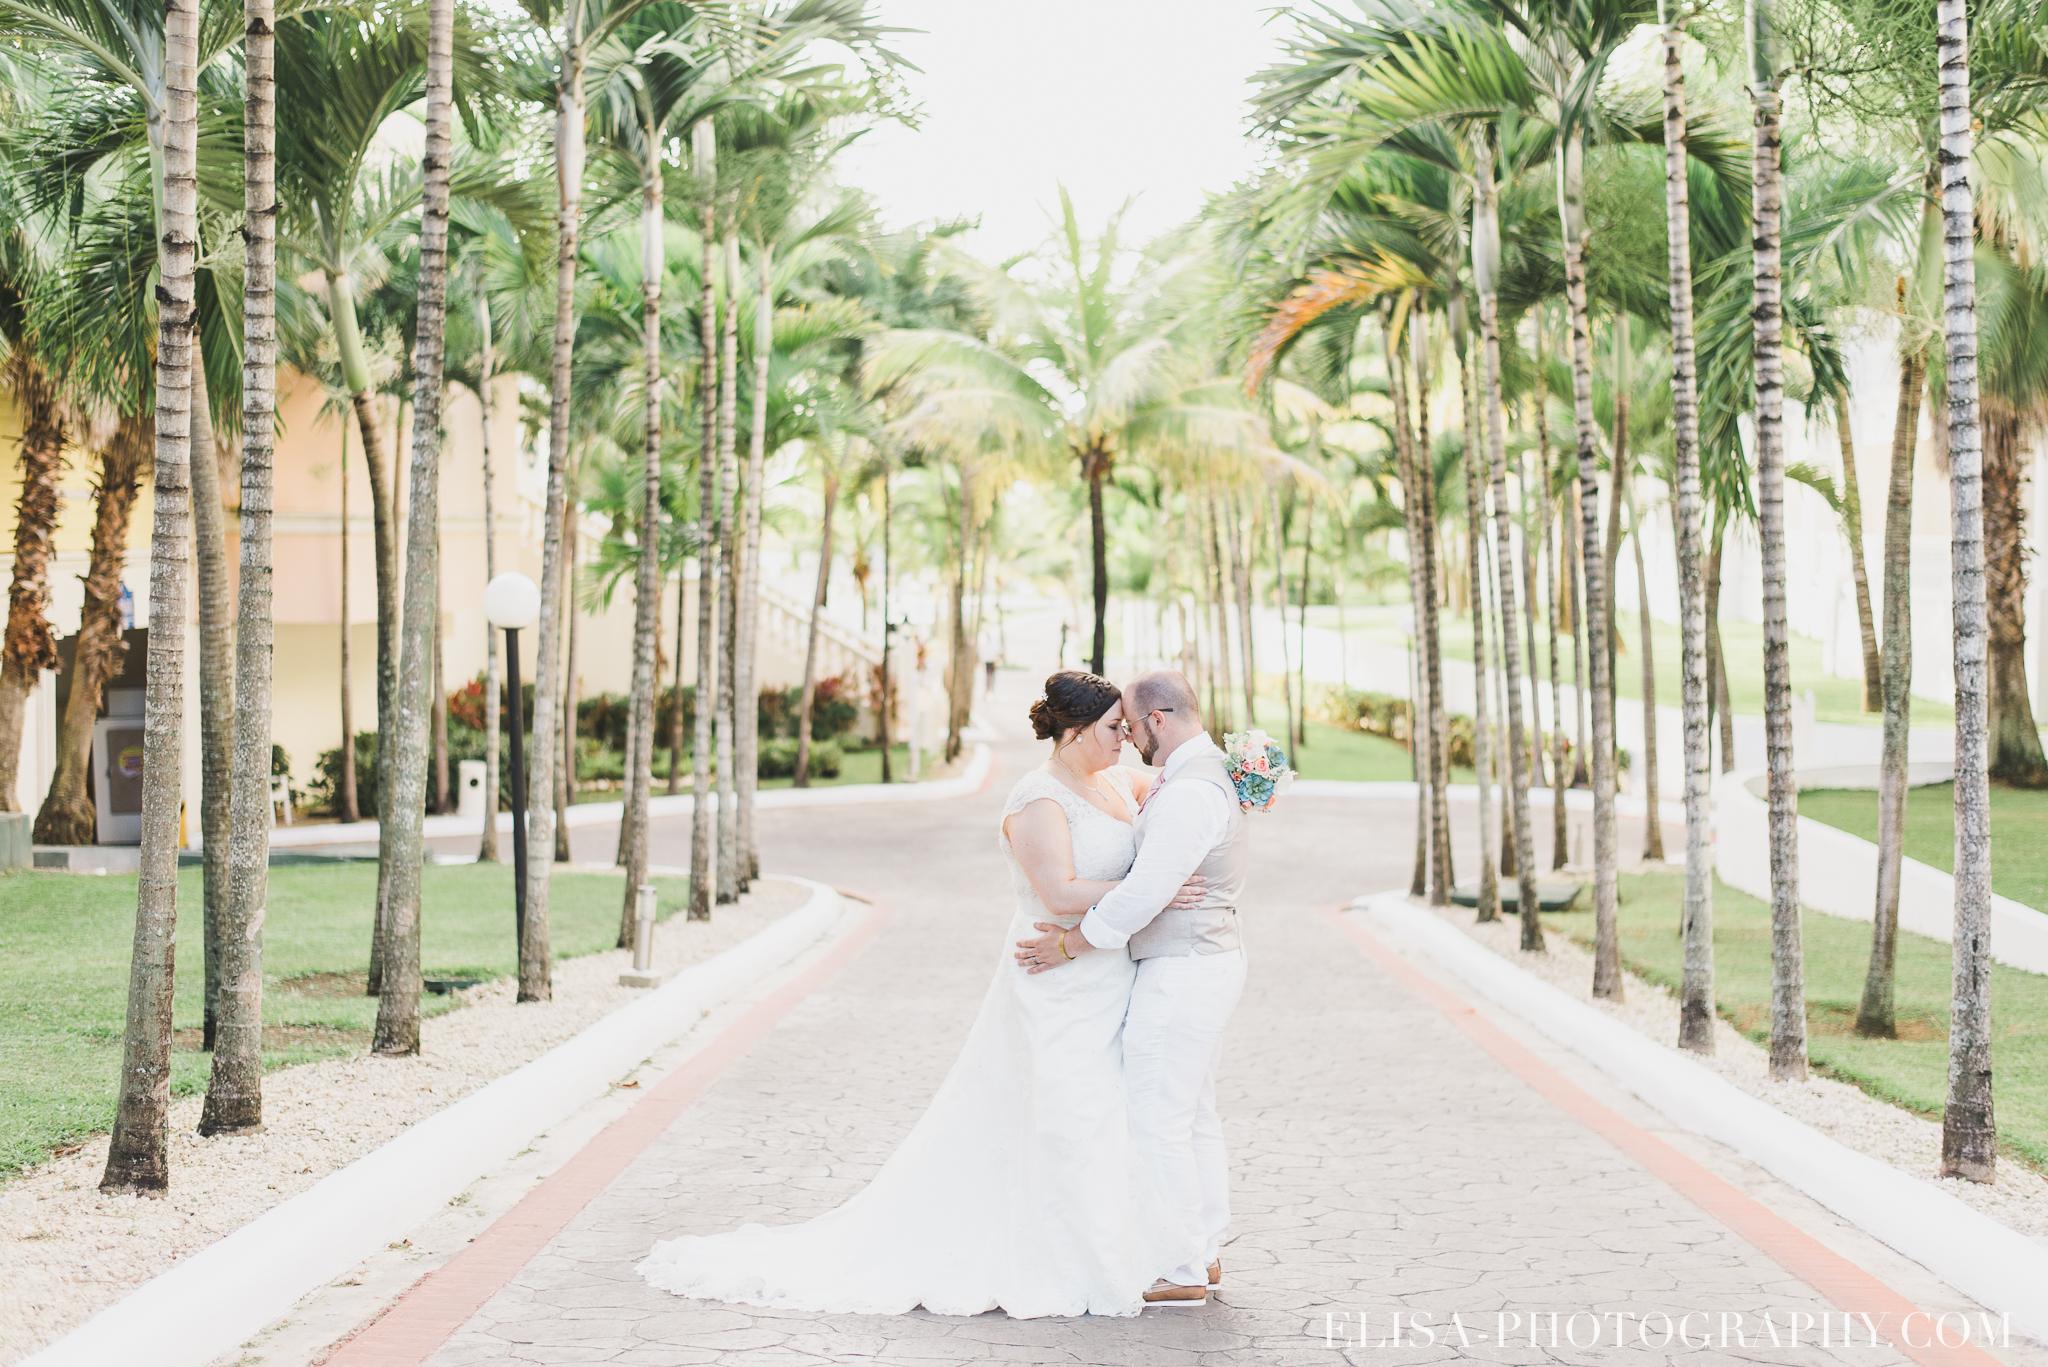 mariage de rêve à destination portrait des mariés palmiers mer des caraïbes grand bahia principe jamaïque photo 5741 - Galerie photos de mariages à destination